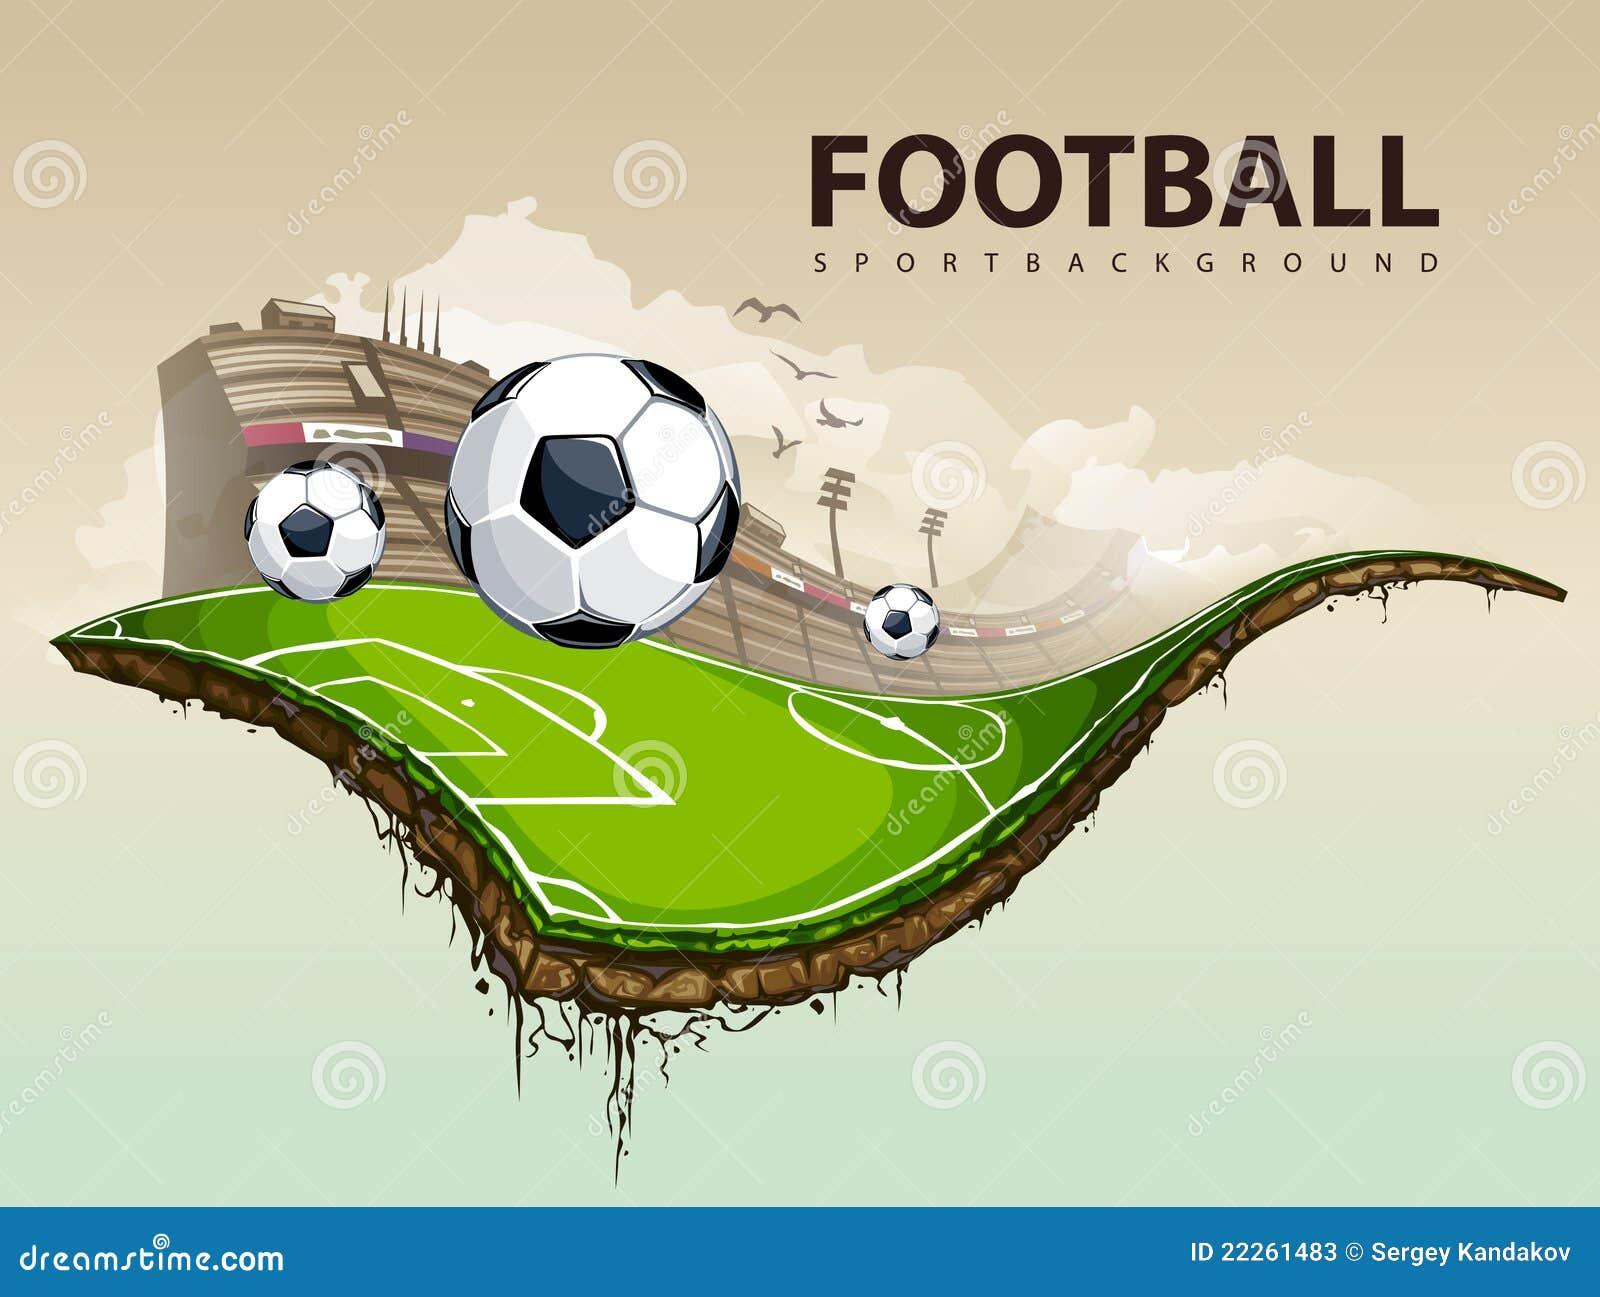 Surrealistyczna śródpolna piłka nożna